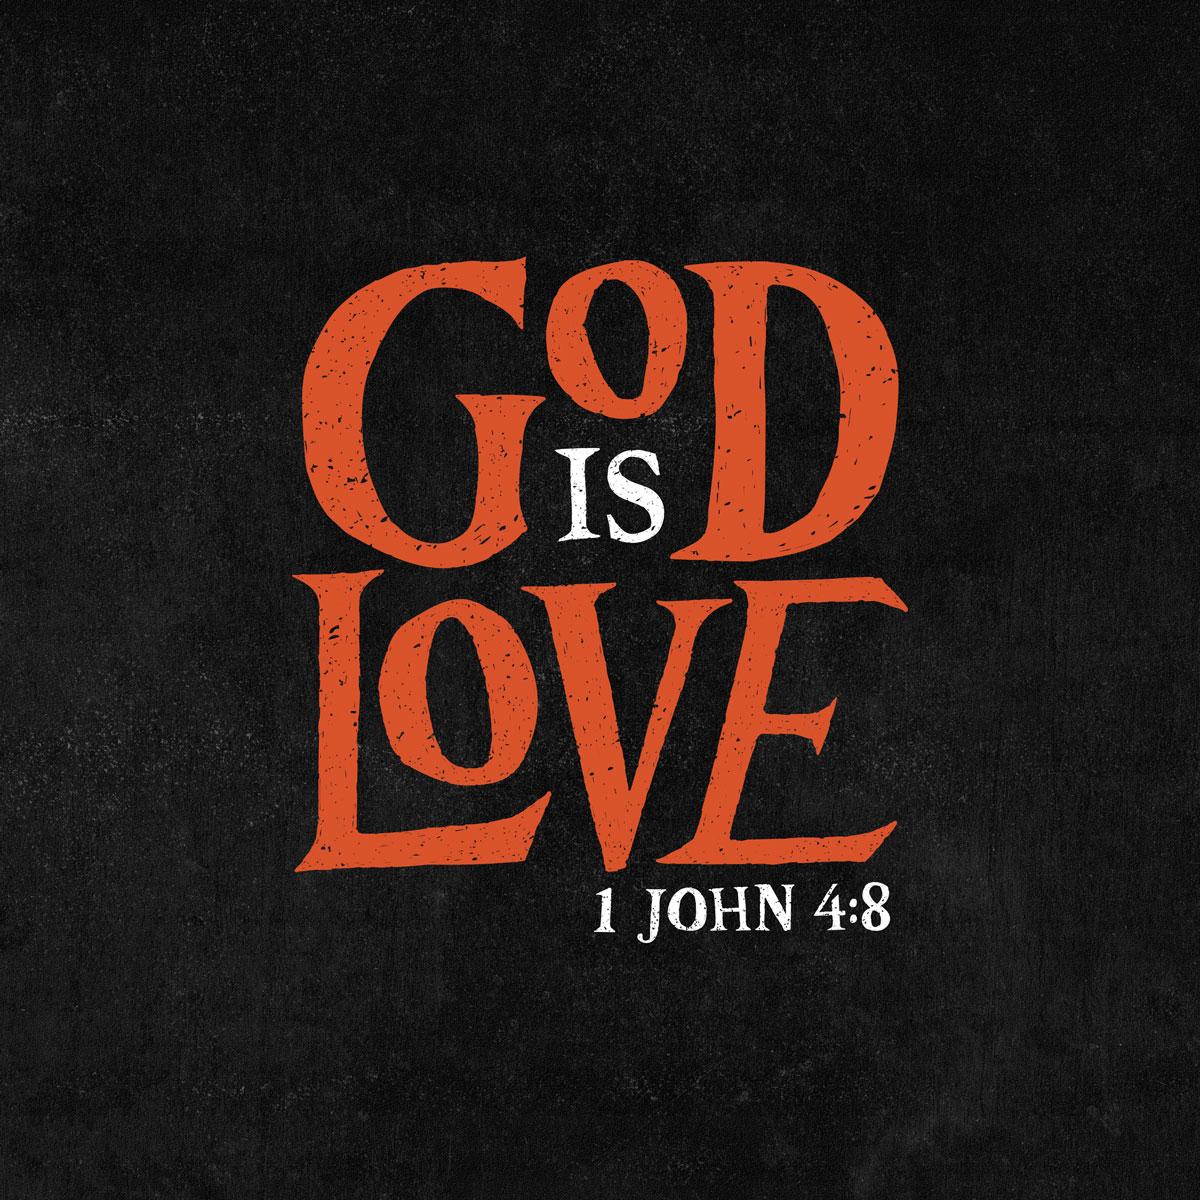 God-is-Love_07_Jim-LePage.jpg